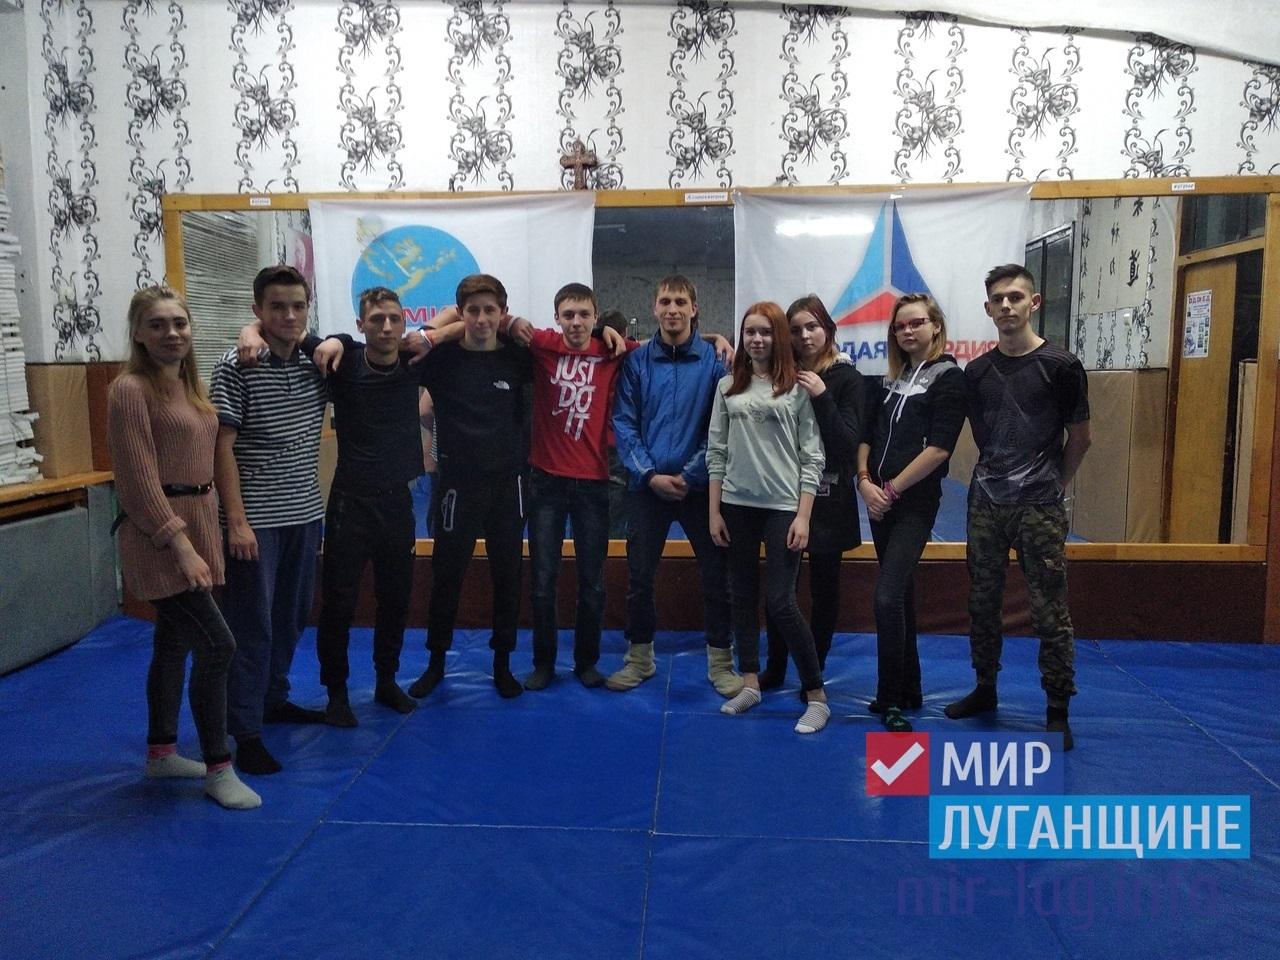 Спортивные соревнования прошли в Алчевске 1